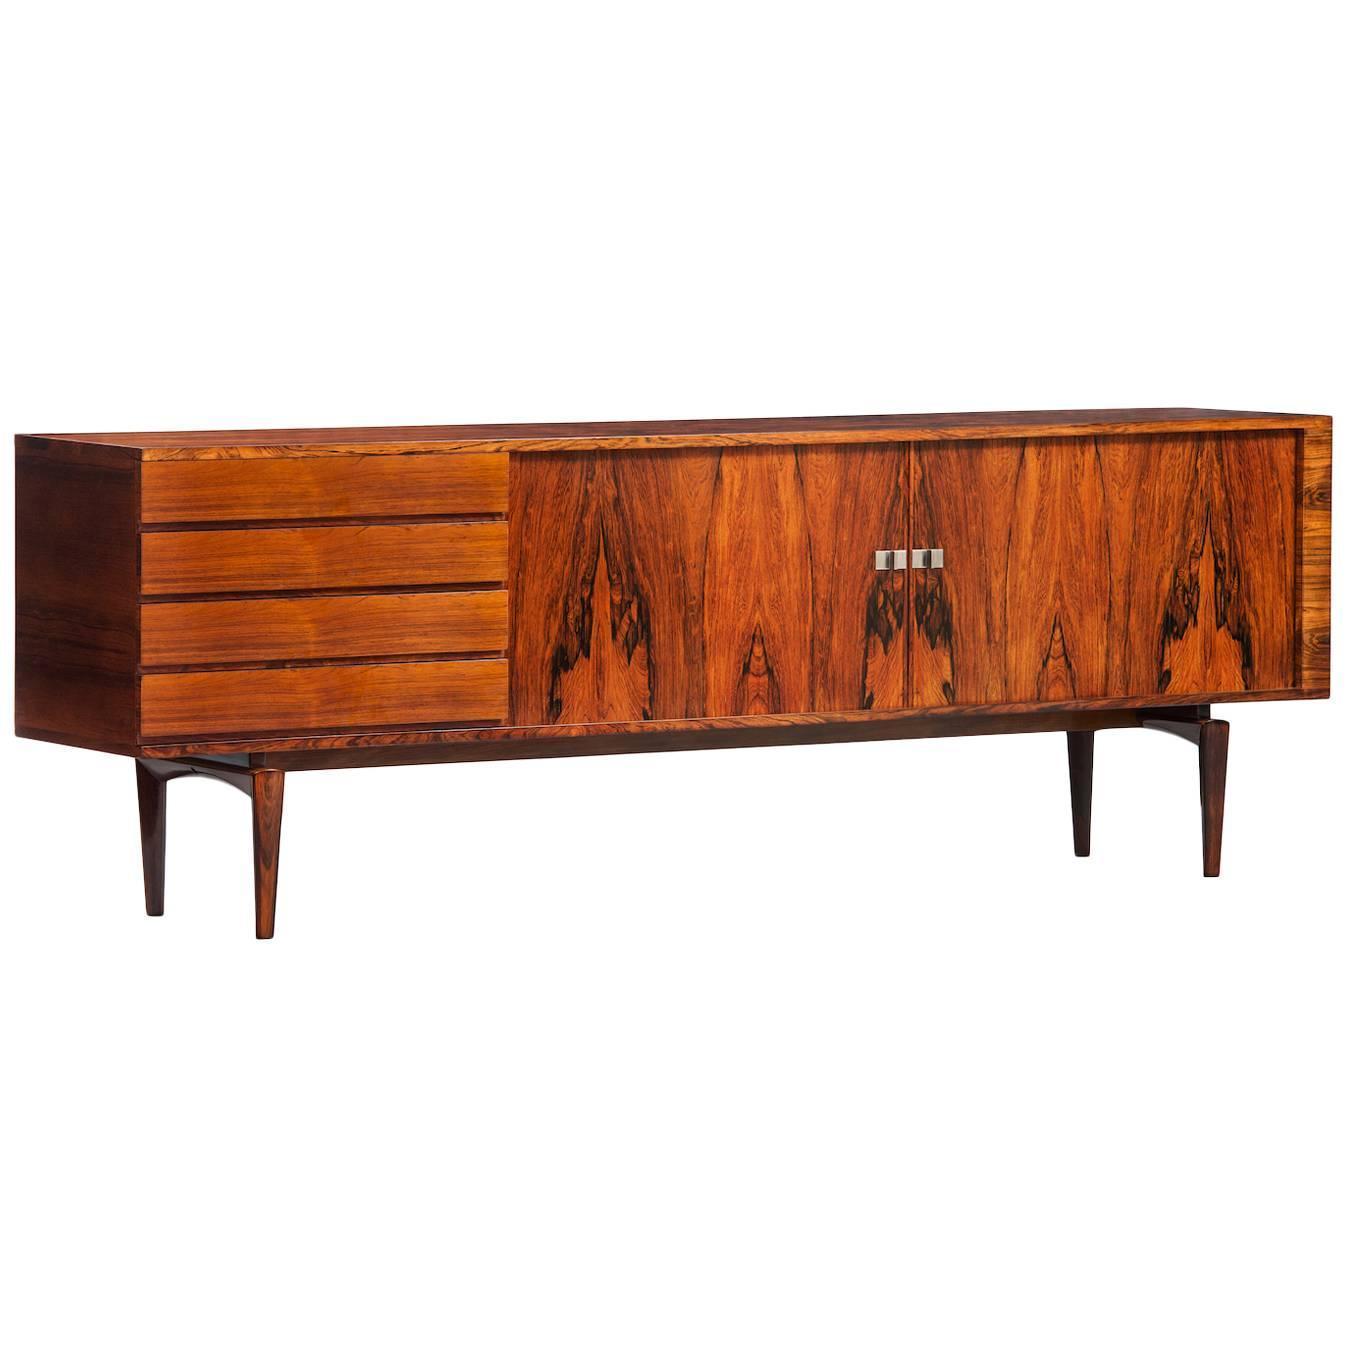 h w klein sideboard for bramin for sale at 1stdibs. Black Bedroom Furniture Sets. Home Design Ideas